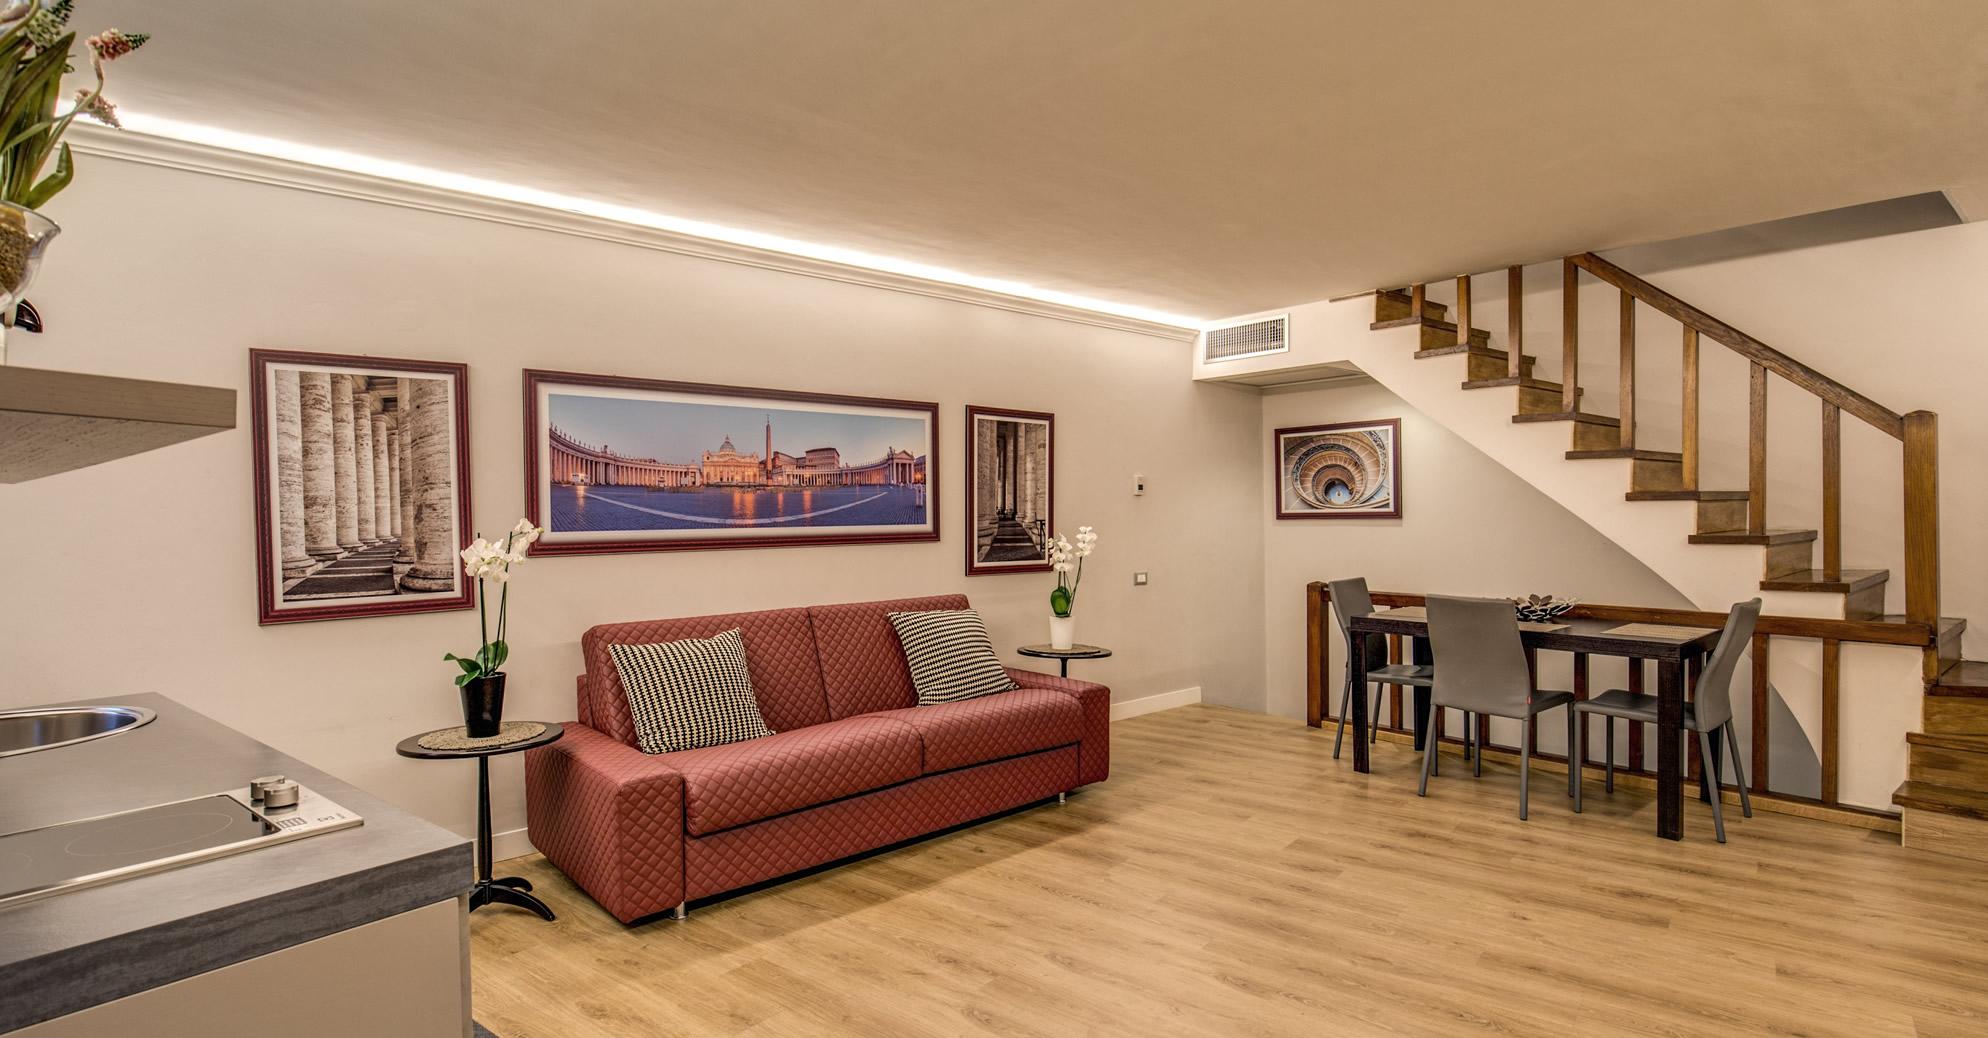 Hisuiteroma appartamento due camere da letto hisuiterome - Camere da letto roma ...